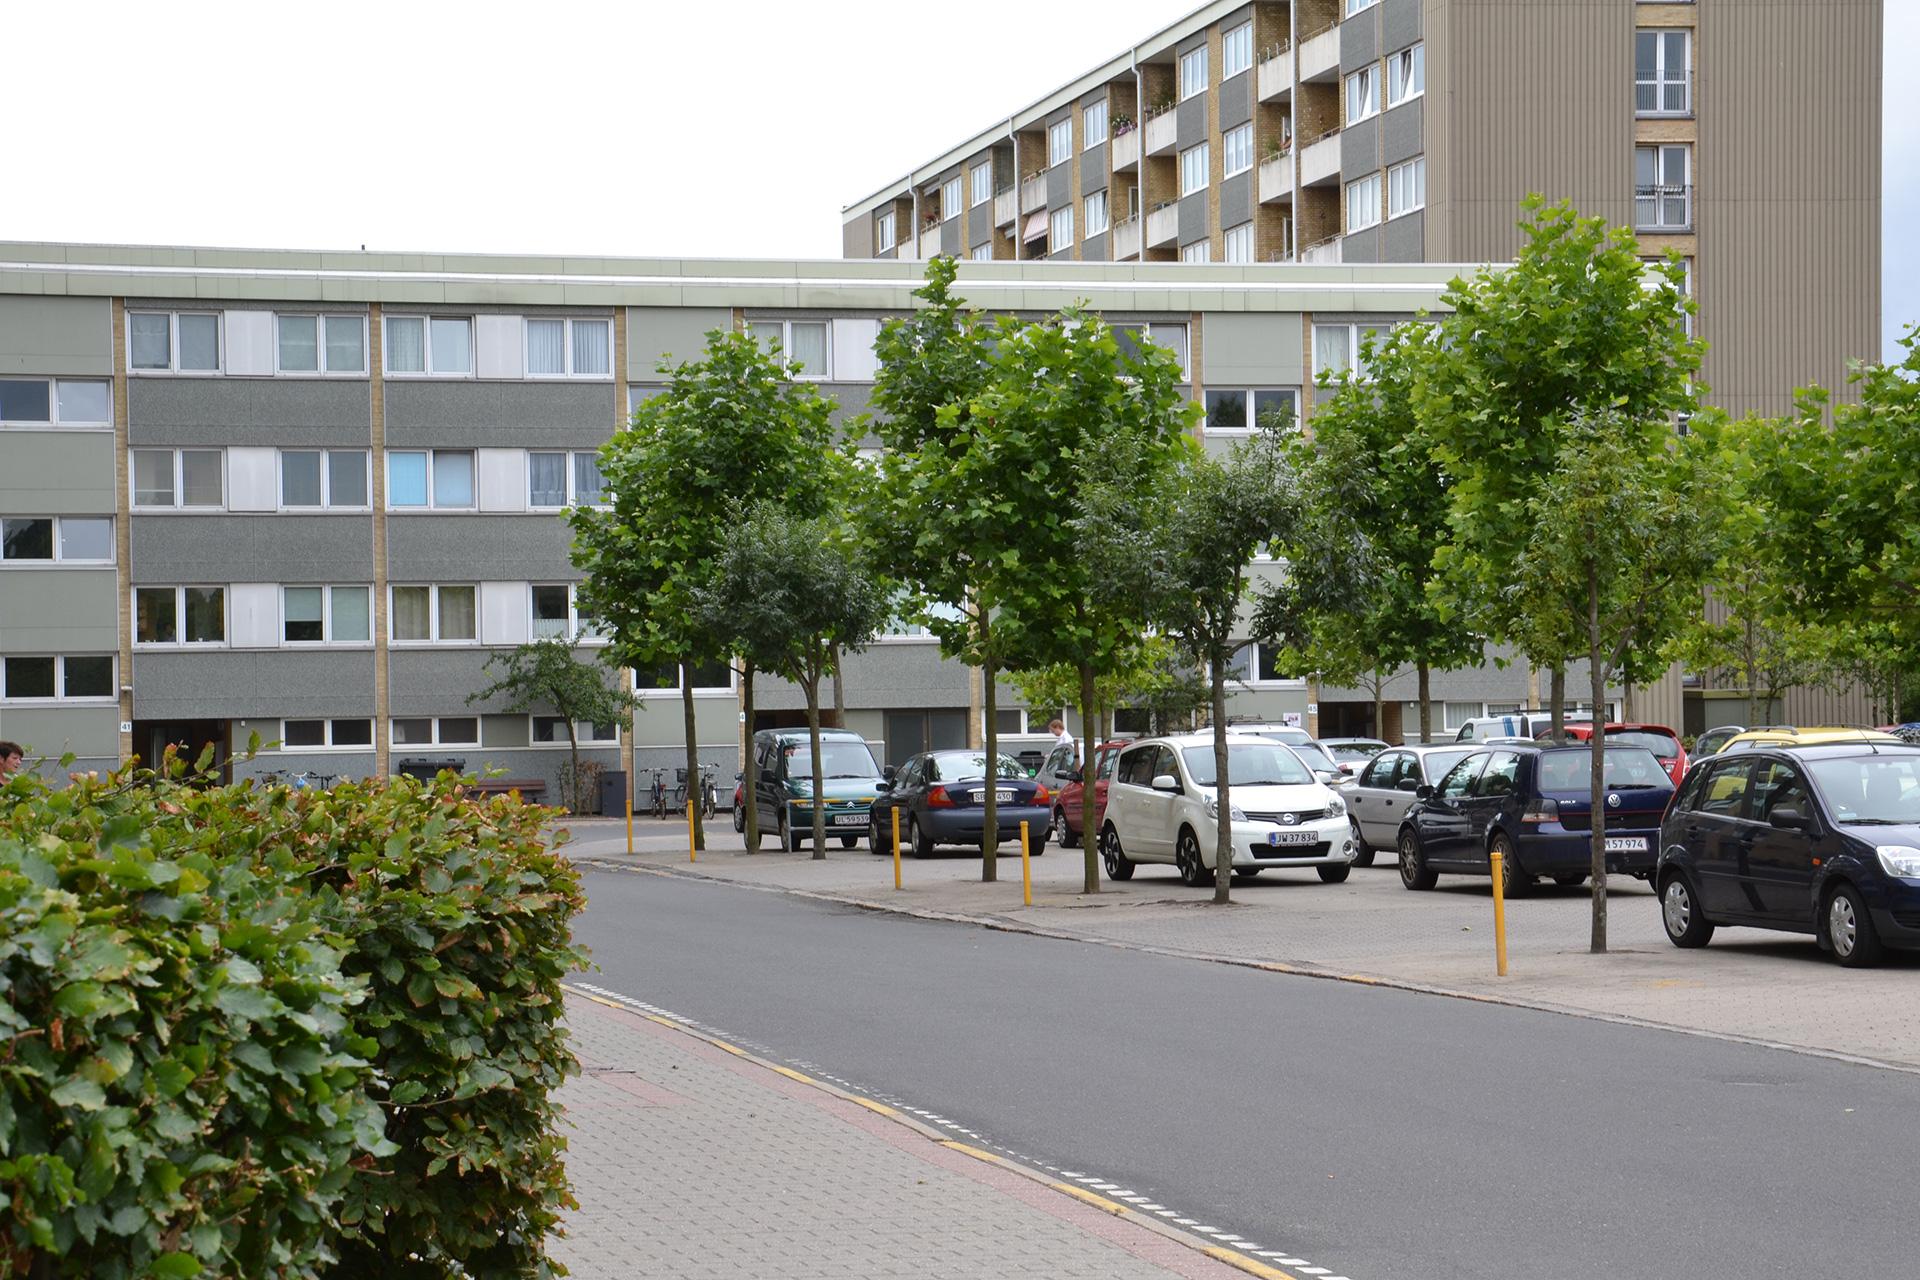 Pab afd. 6 - Vinkelhuse - Kastrup